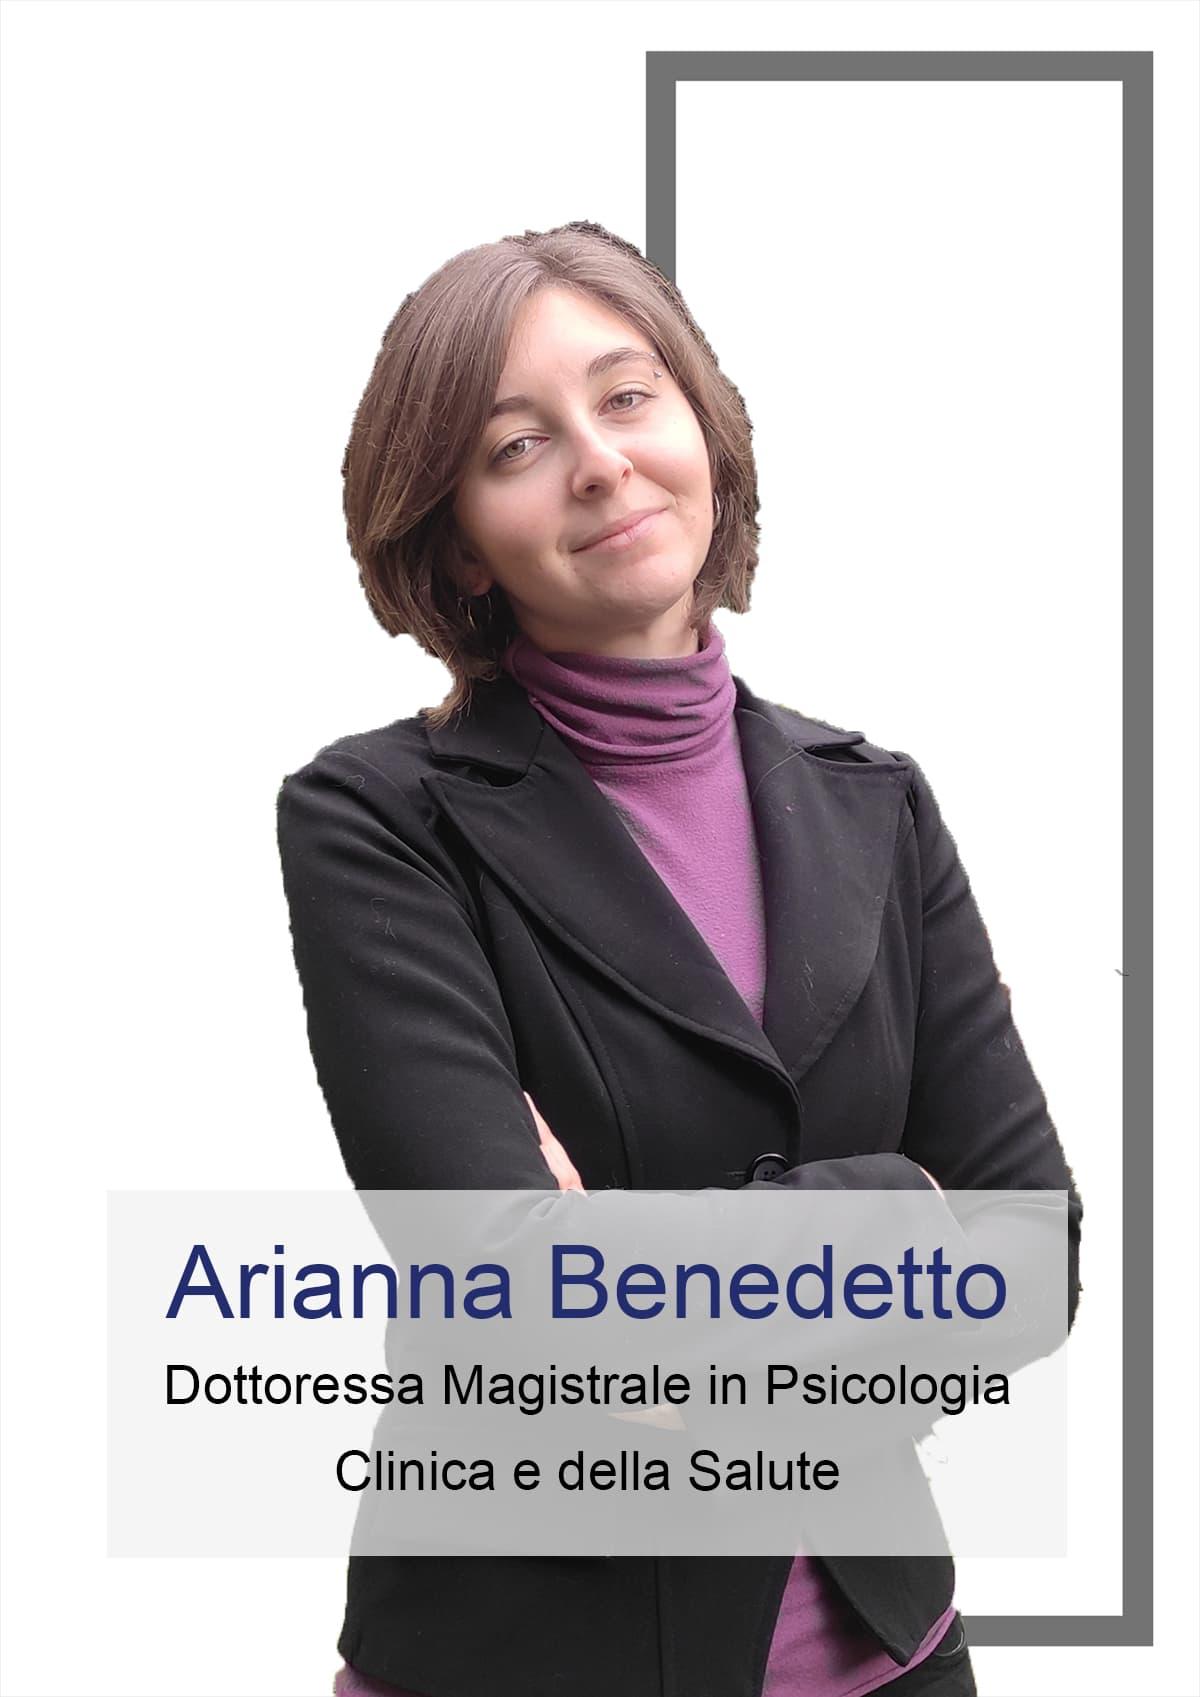 Arianna Benedetto - Psicologa e autrice del Blog di Sull'Orlo della Psicologia